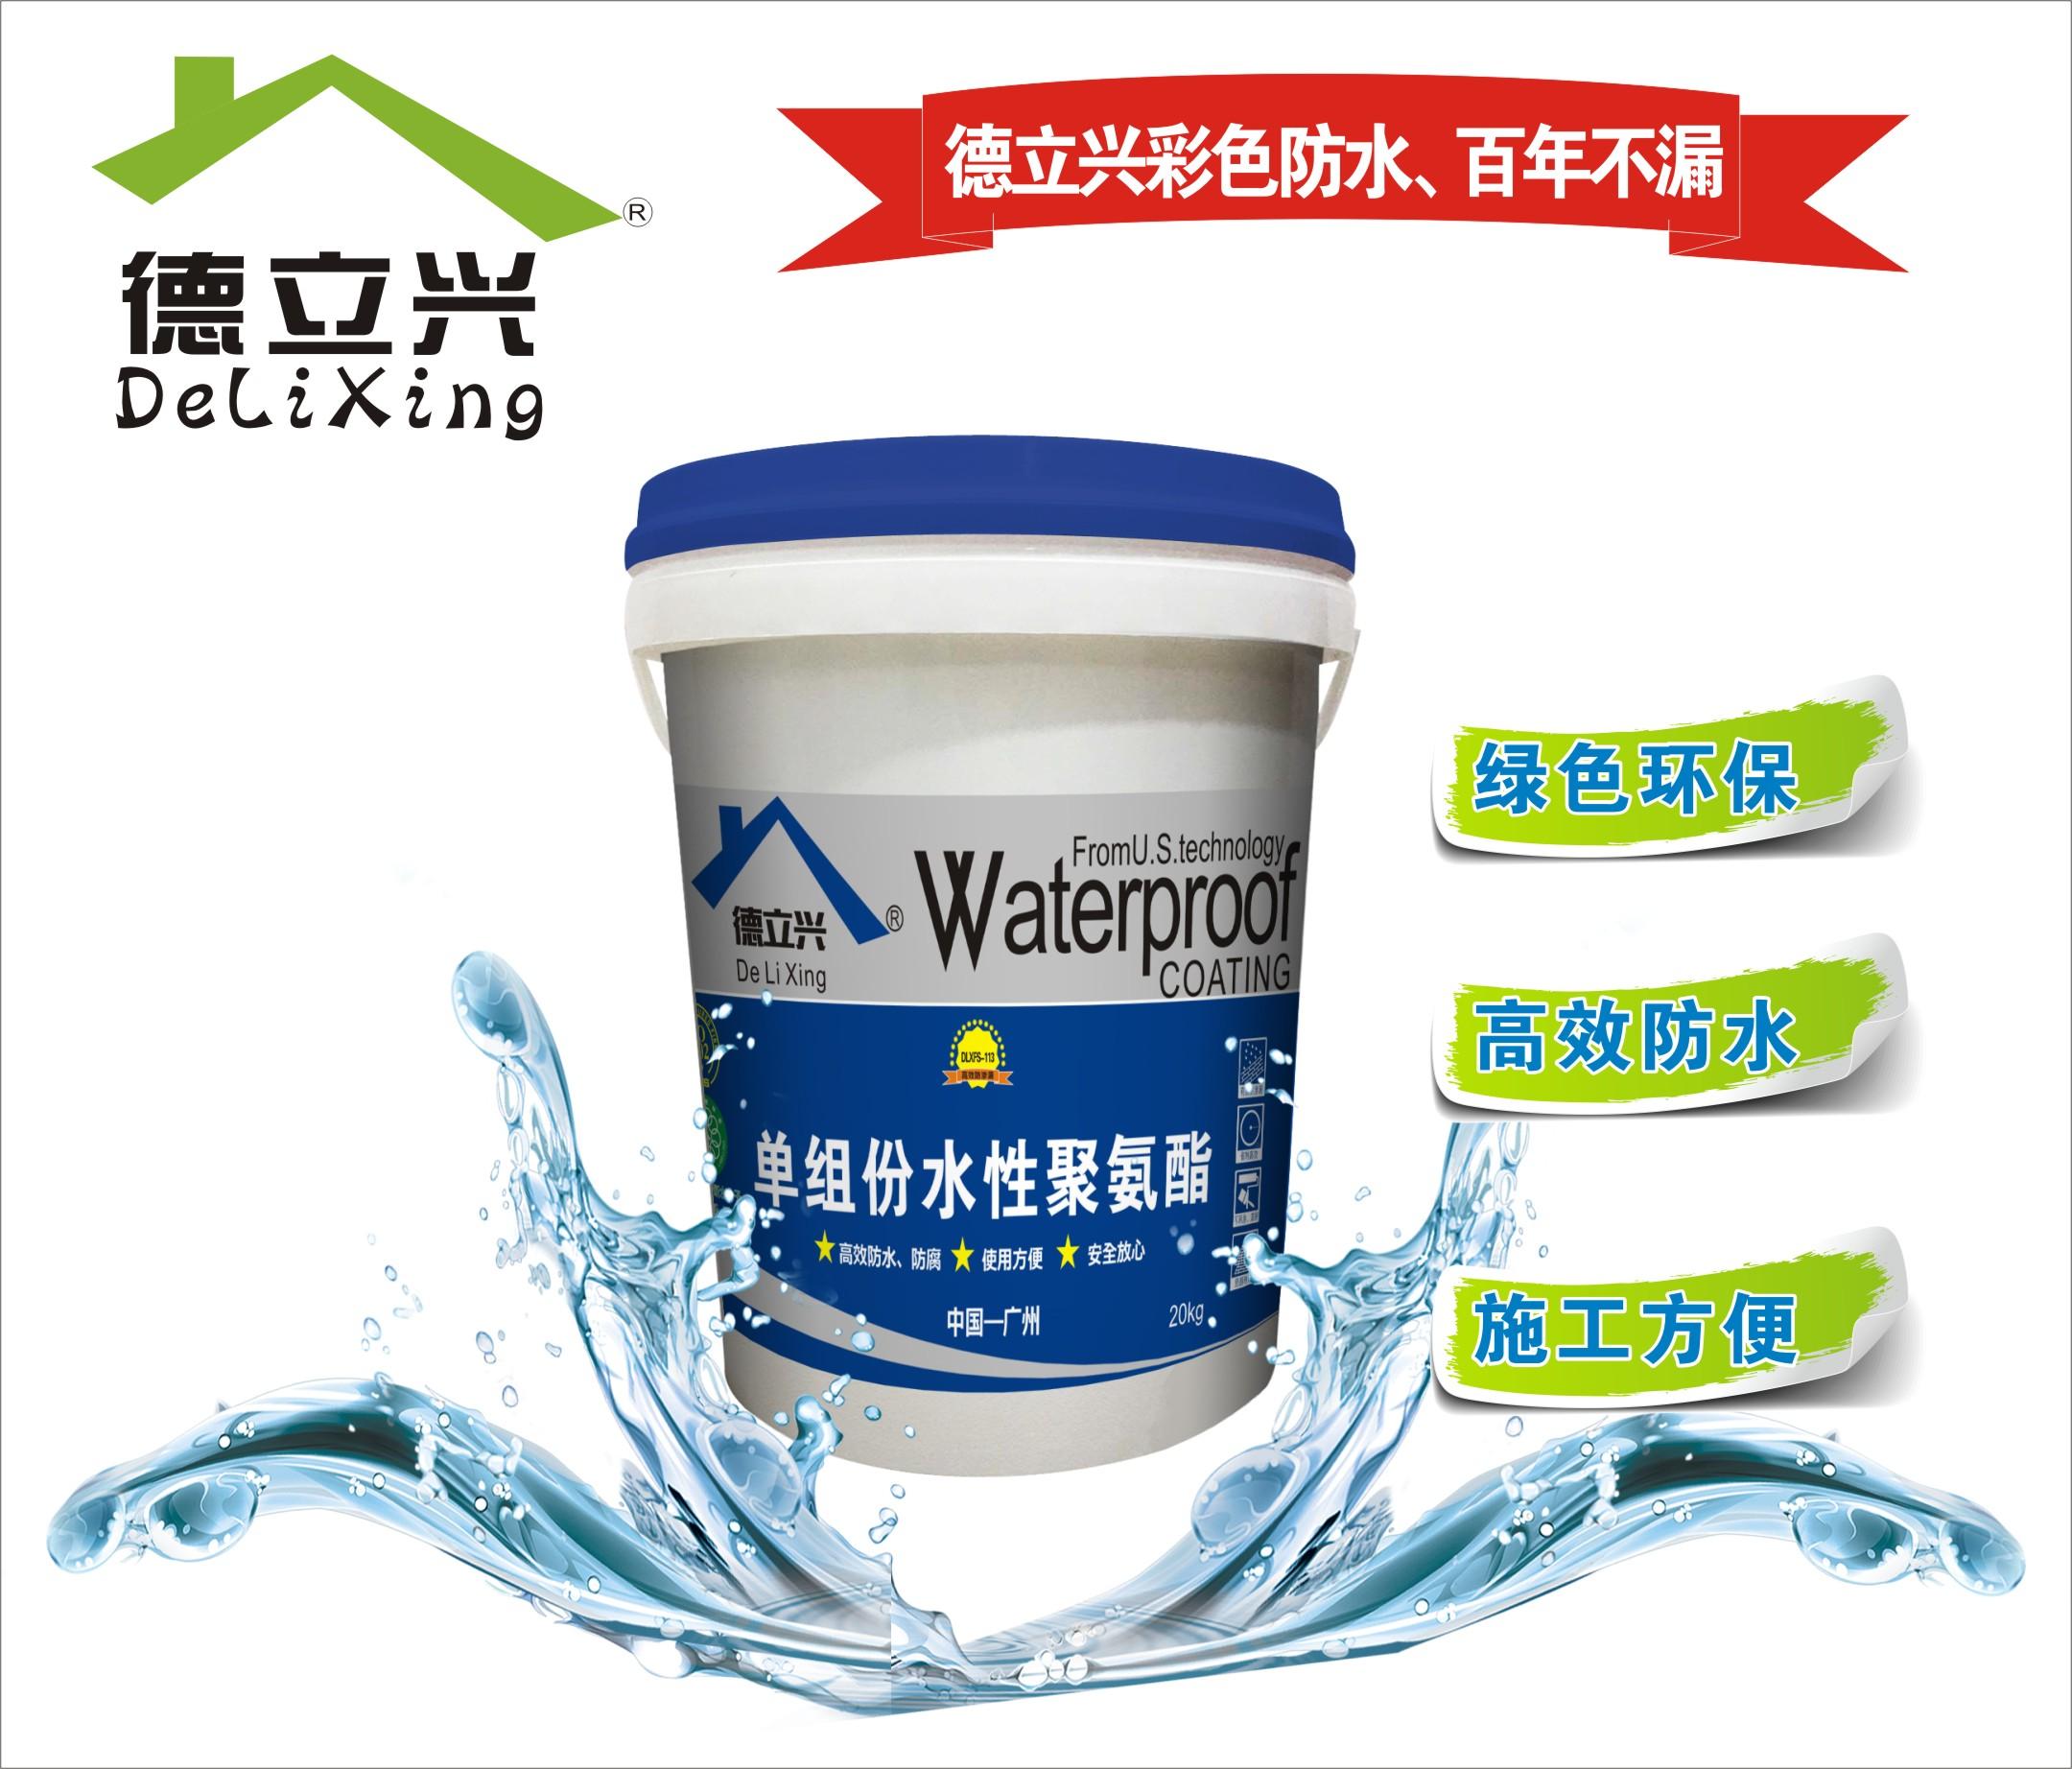 买水性聚氨酯粘合剂上德立兴官网,大牌护航,品质保证